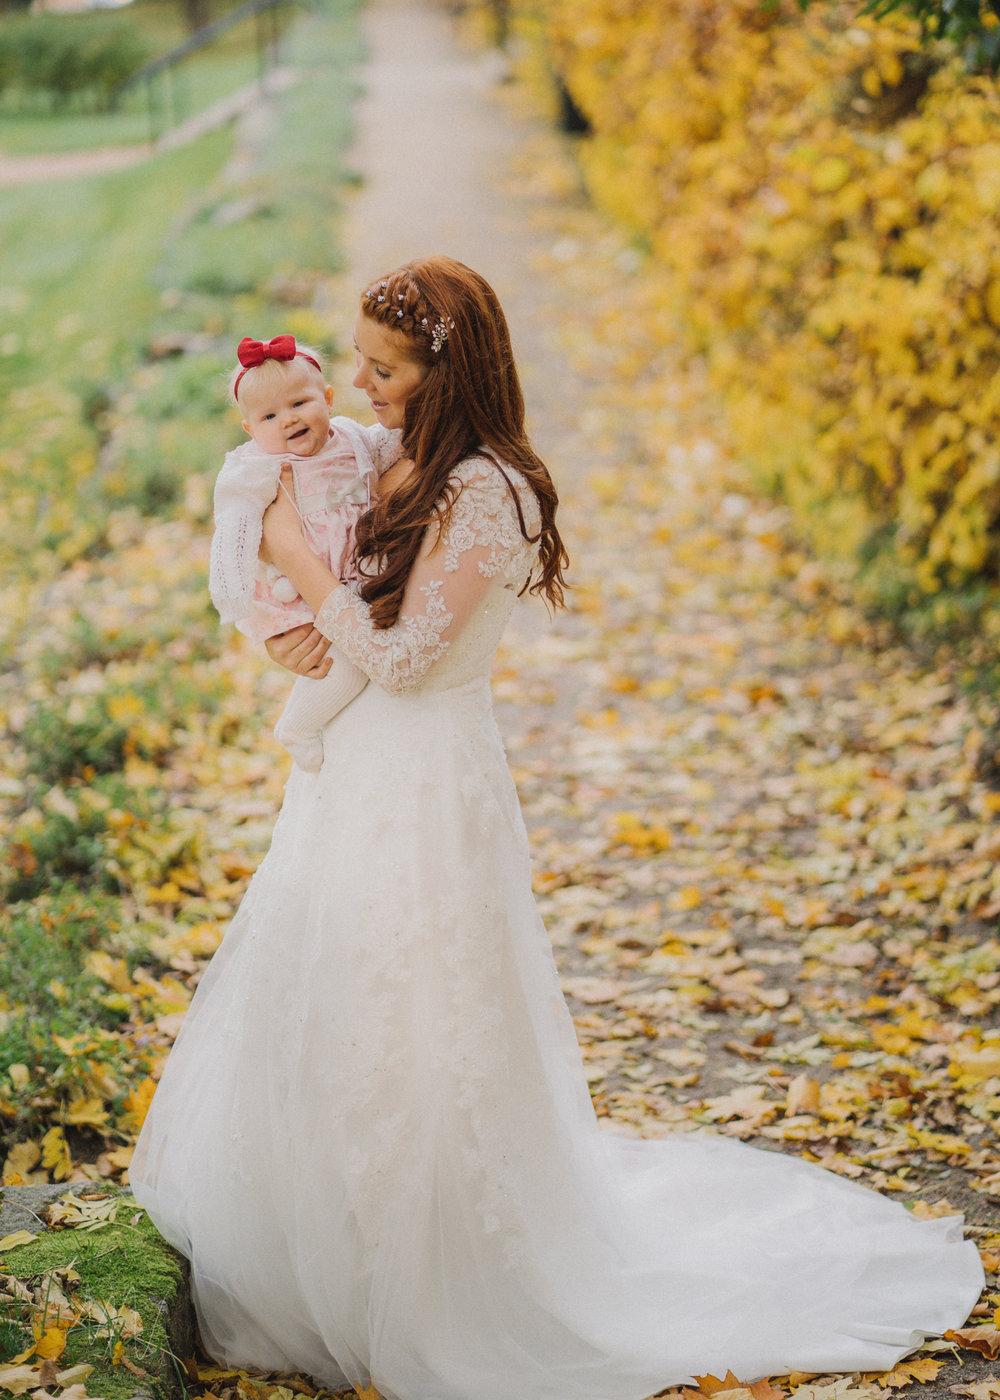 Bröllopsfoto-13okt-fotograf-max-norin-109.jpg